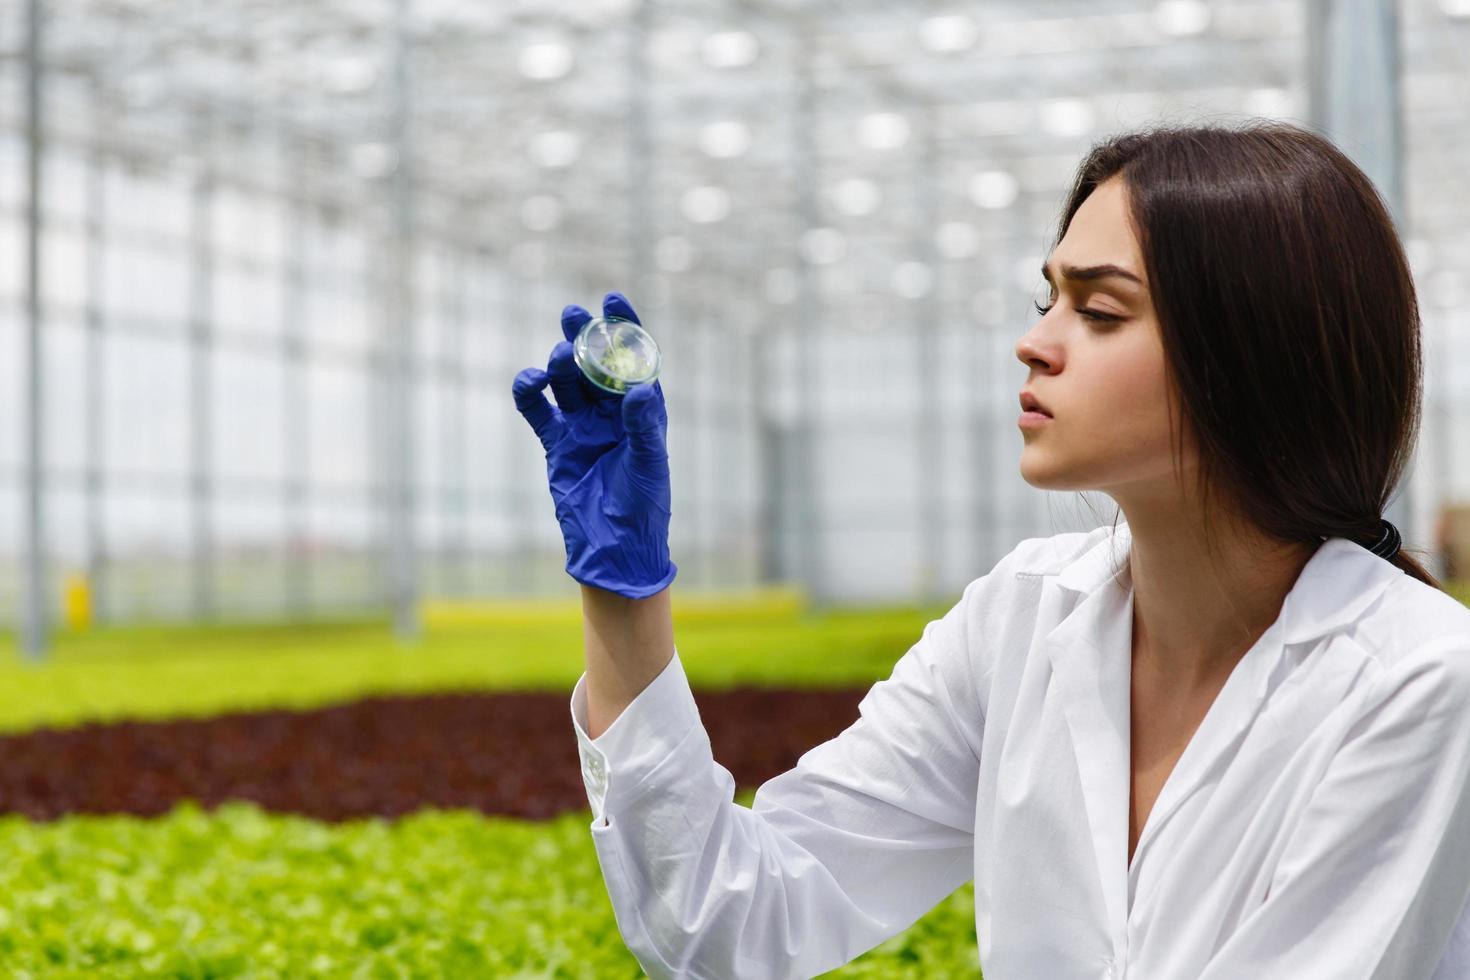 chercheuse regarde une verdure dans une boîte de Pétri photo